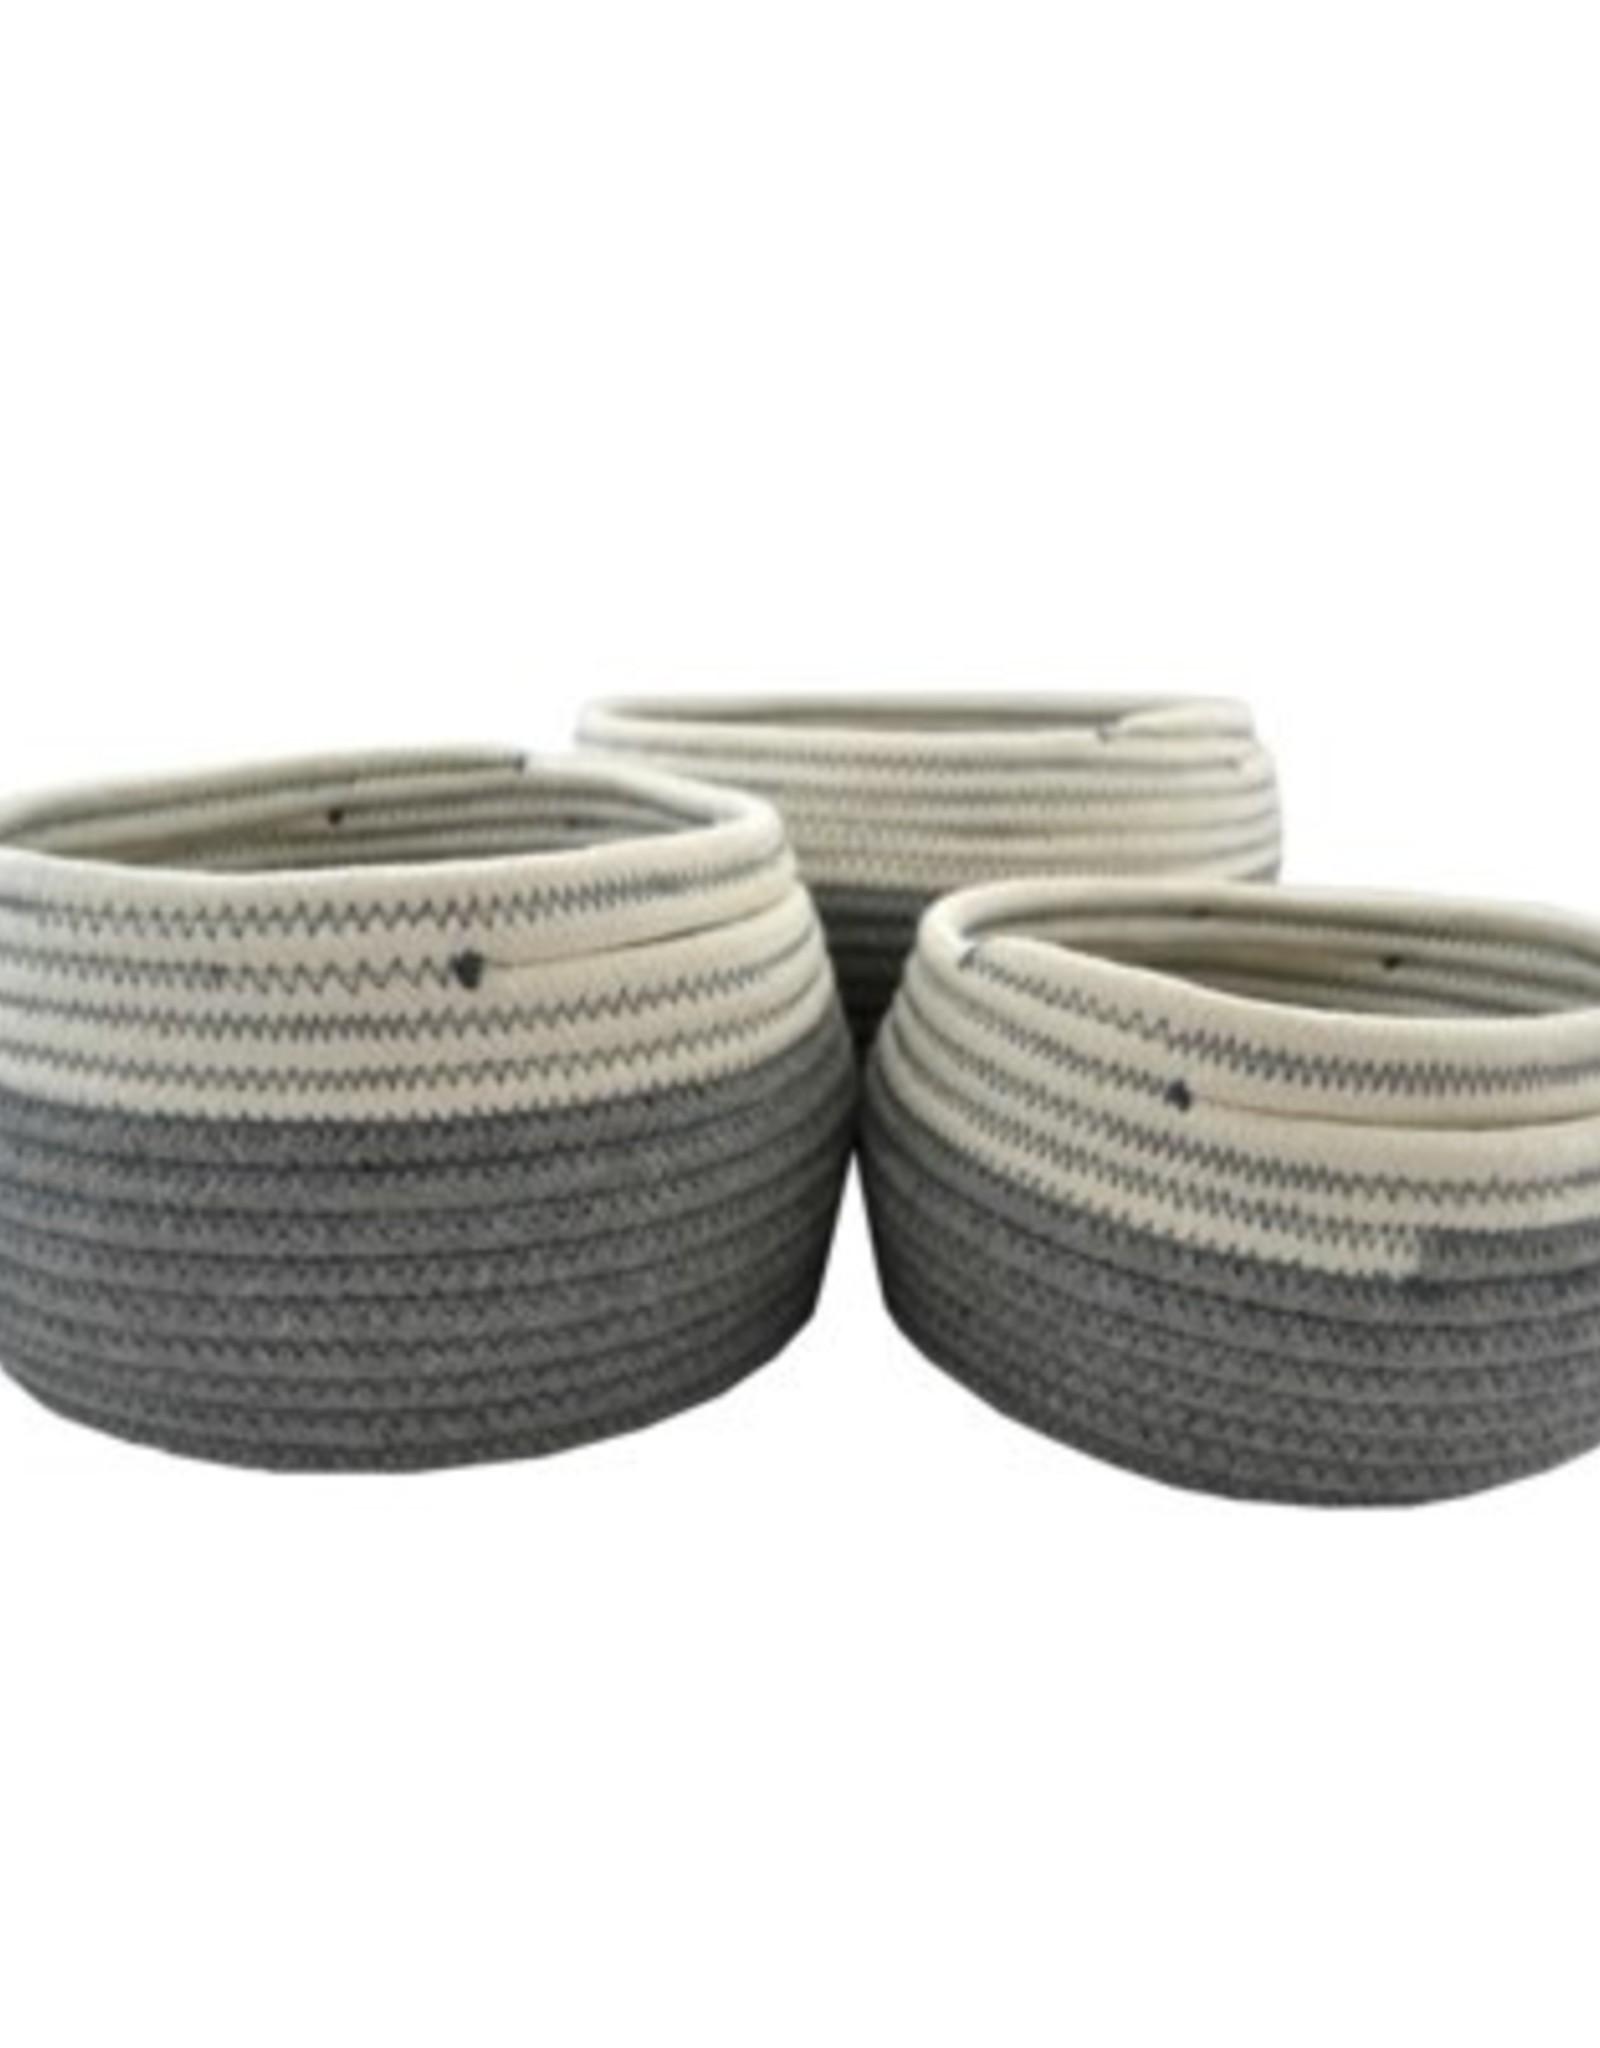 Nostalgia Basket Nostalgia Storage Grey Medium 683-100